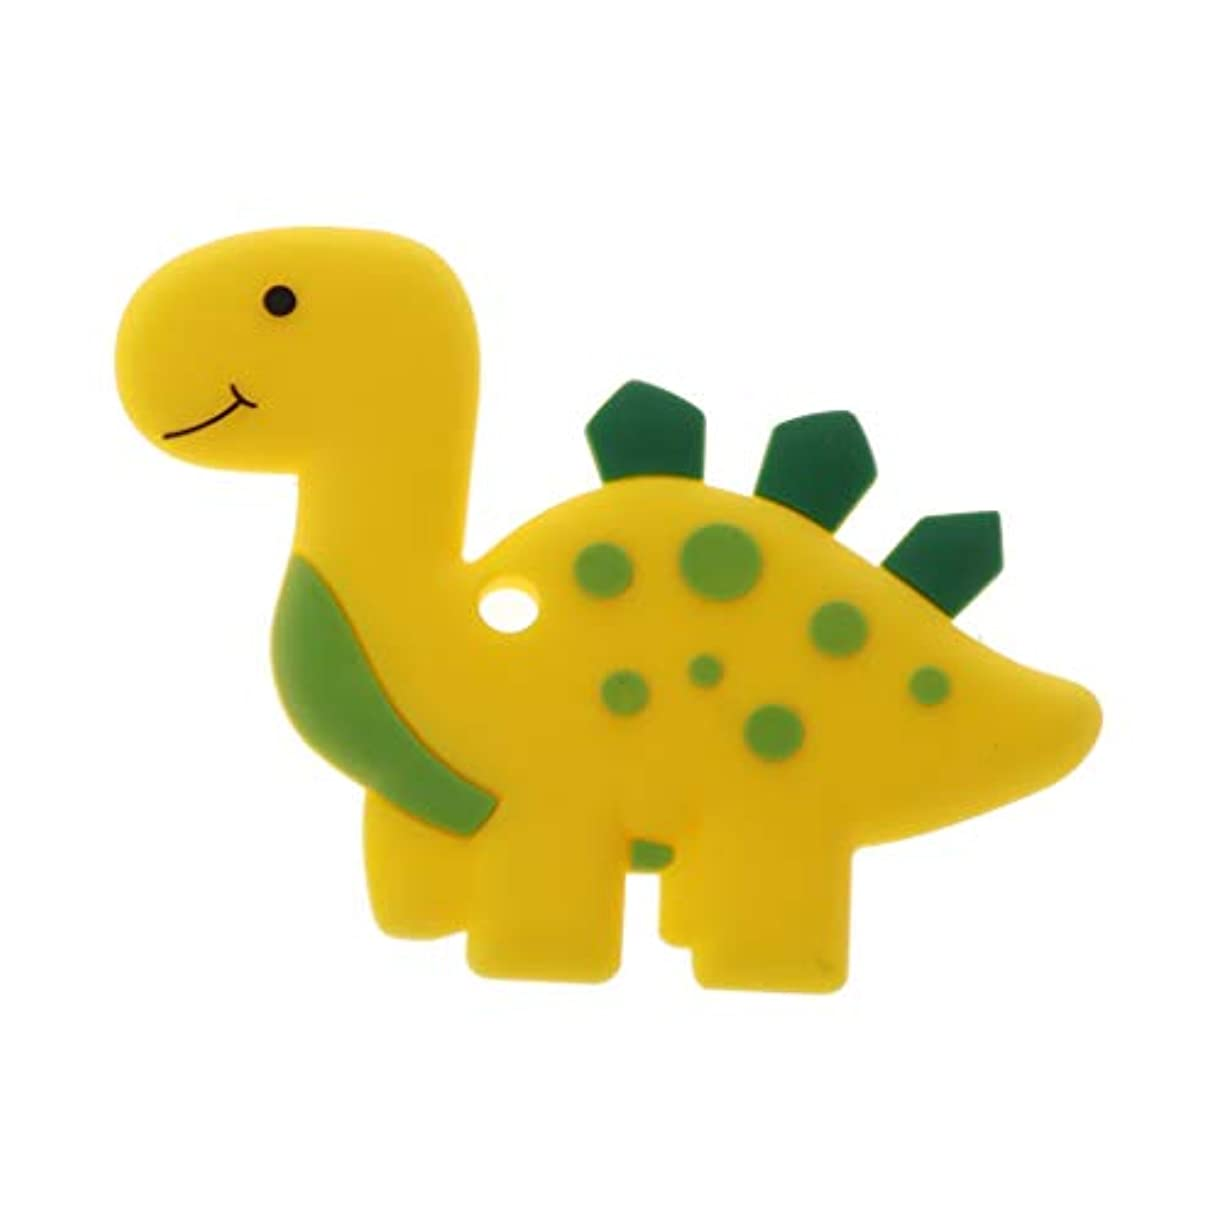 ピストルご予約中断Landdumシリコーンおしゃぶり恐竜おしゃべり赤ちゃん看護玩具かむ玩具歯が生えるガラガラおもちゃ - ロイヤルブルー